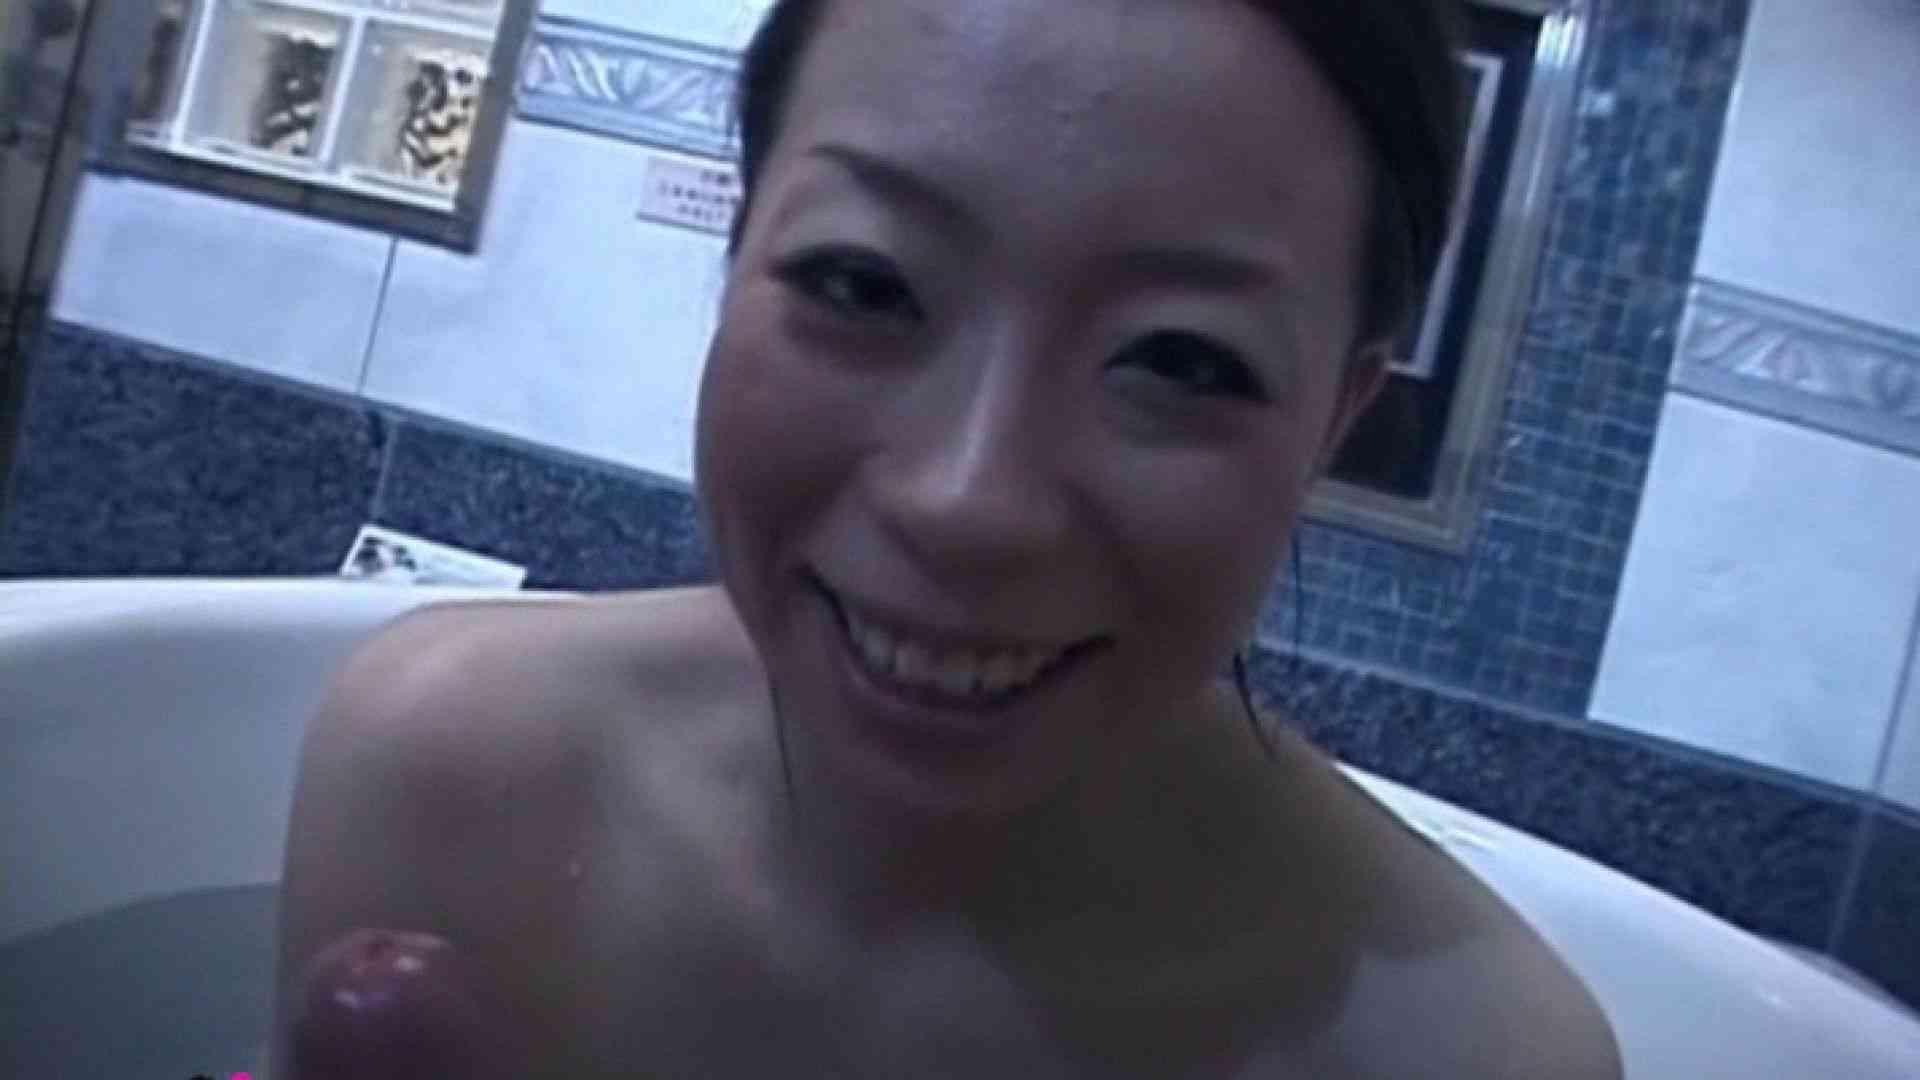 S級厳選美女ビッチガールVol.31 前編 OLセックス  71画像 58